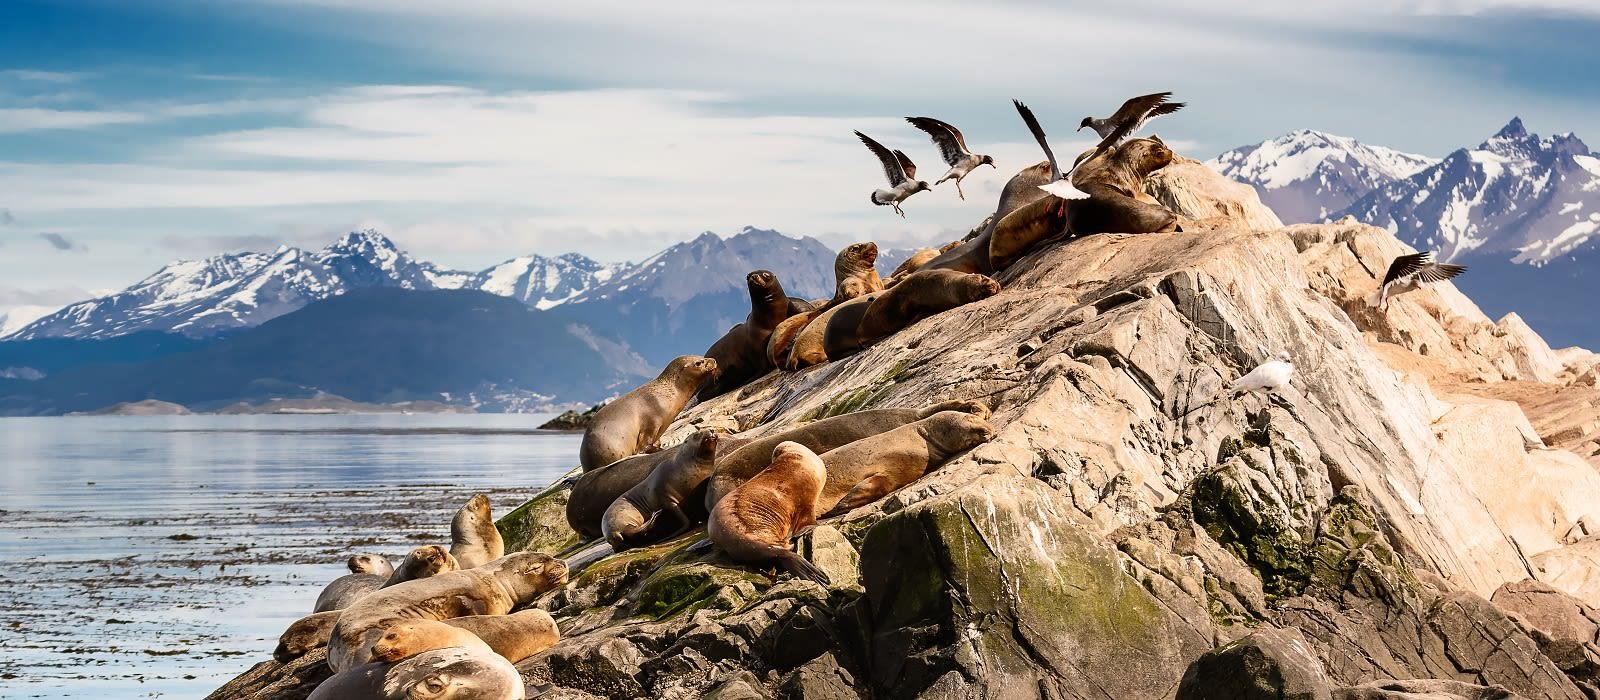 Die unberührte Schönheit Patagoniens & Abstecher in die Antarktis Urlaub 6